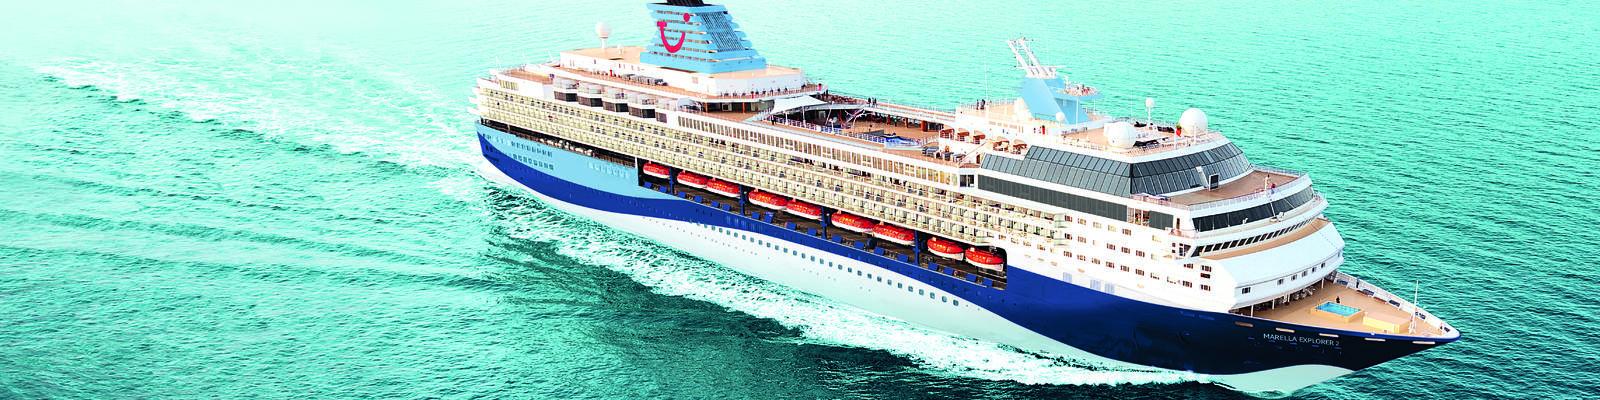 Marella Explorer 2 Photo Cruises